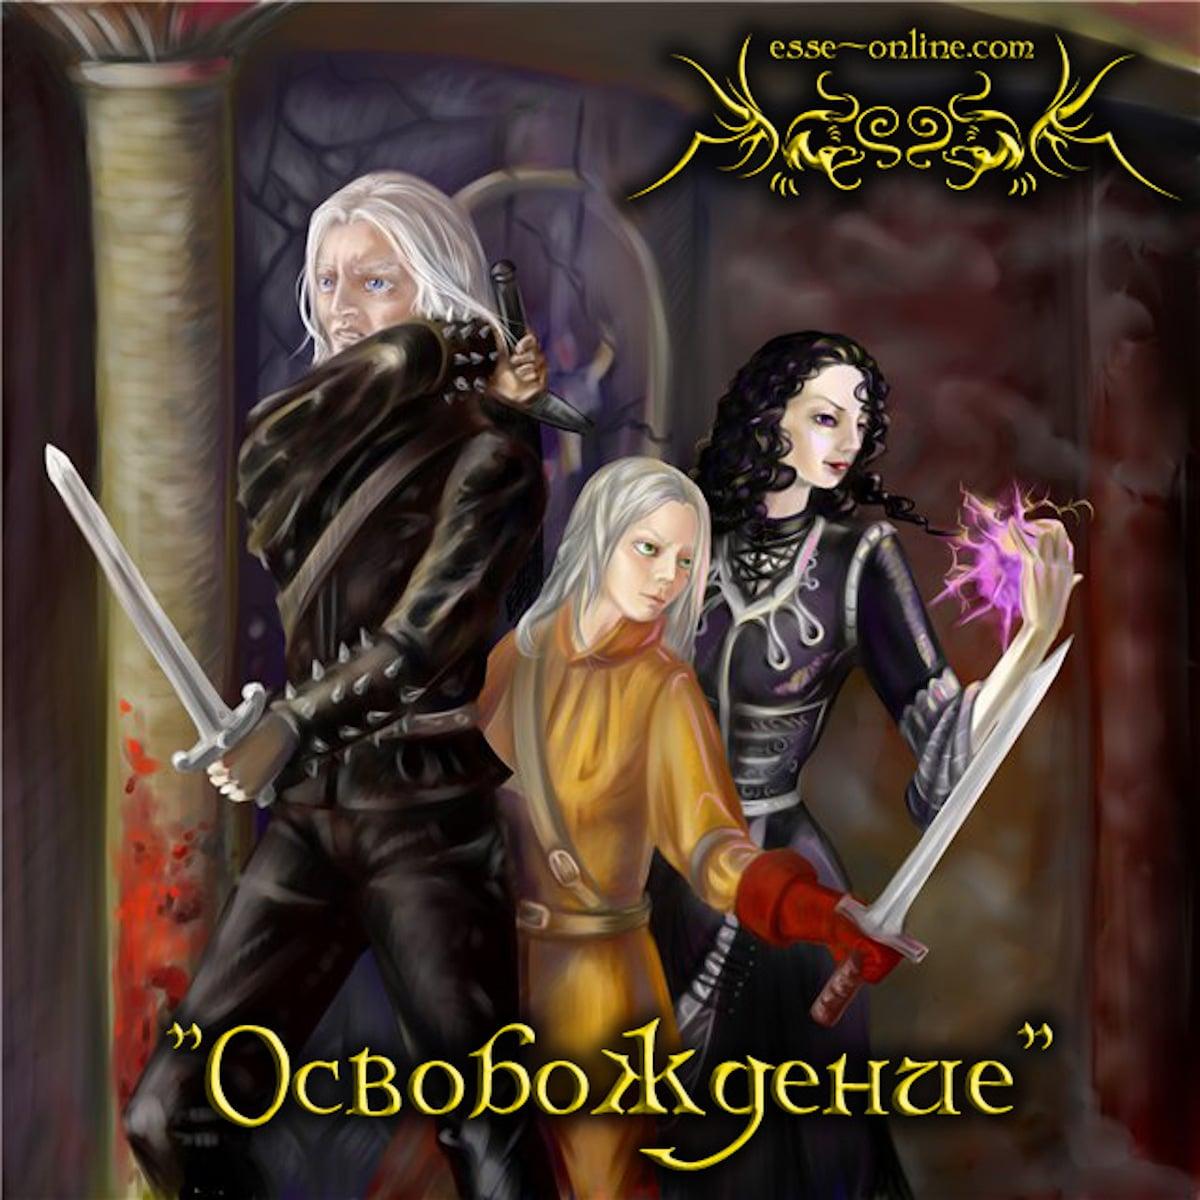 Los libros de la saga de Geralt de Rivia